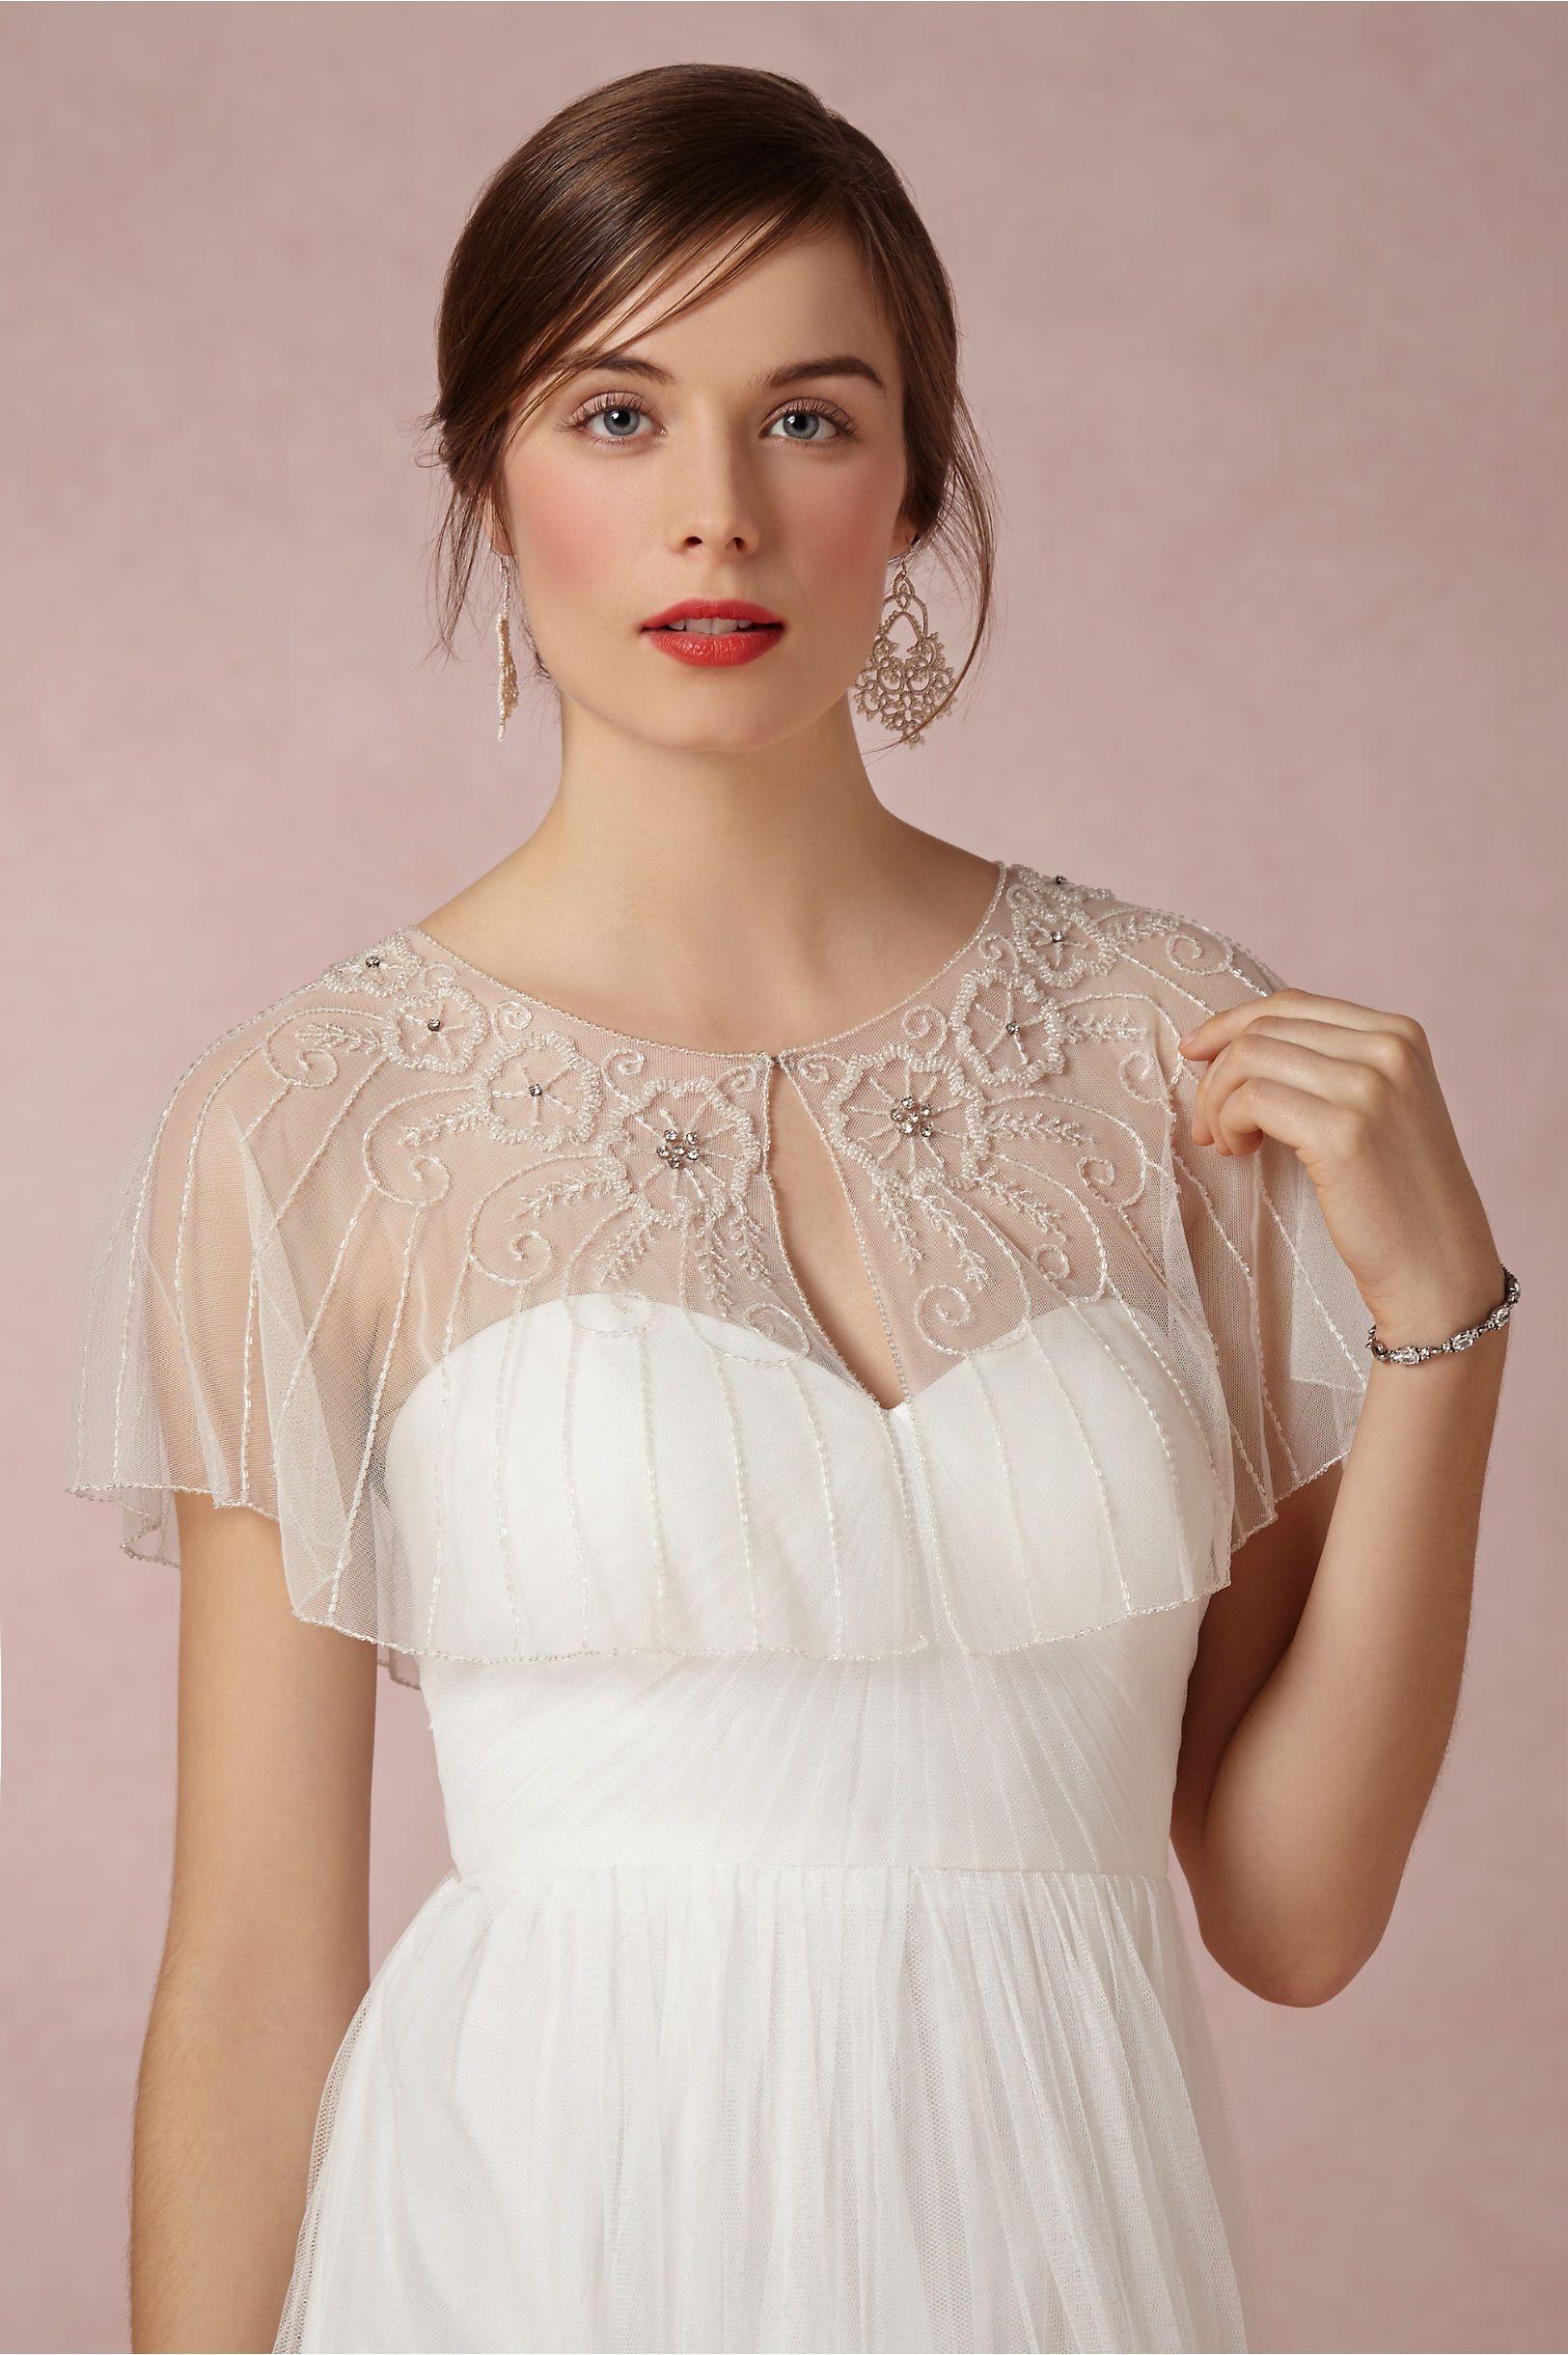 2018 Short Lace Bridal Wraps Beads Coat Jewel Neck Jackets Wedding Capes Bolero Jacket Dress Shrugs Plus Size From Manweisi